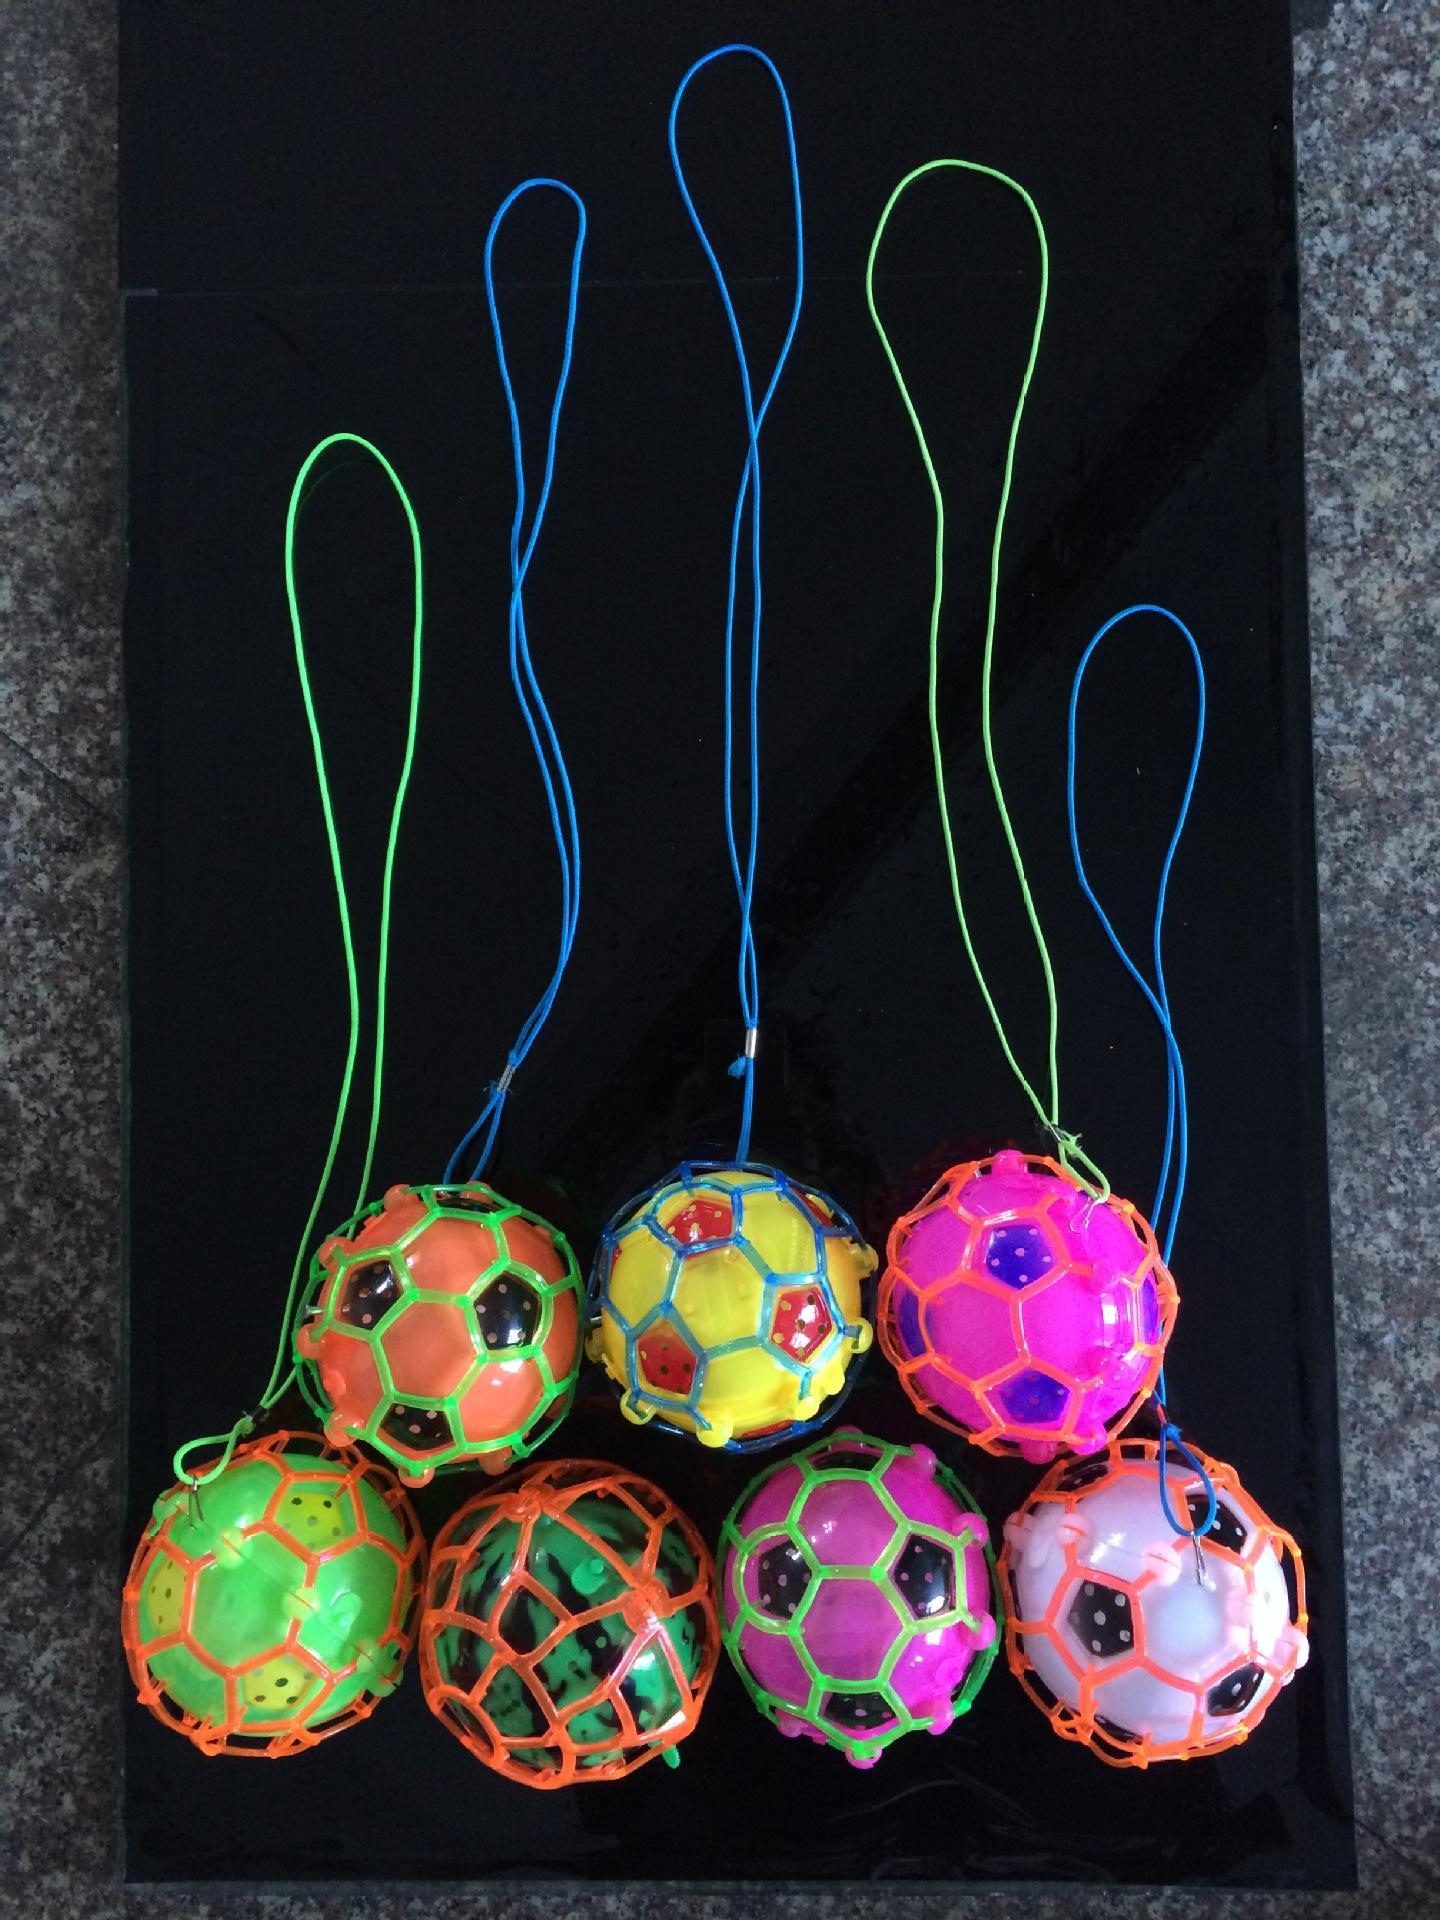 الجملة LED ضوء الرقص القفز كرة القدم الموسيقى لكرة القدم كذاب الرقص الكرة الأطفال لعبة مضحكة مجنون ماجيك كرات